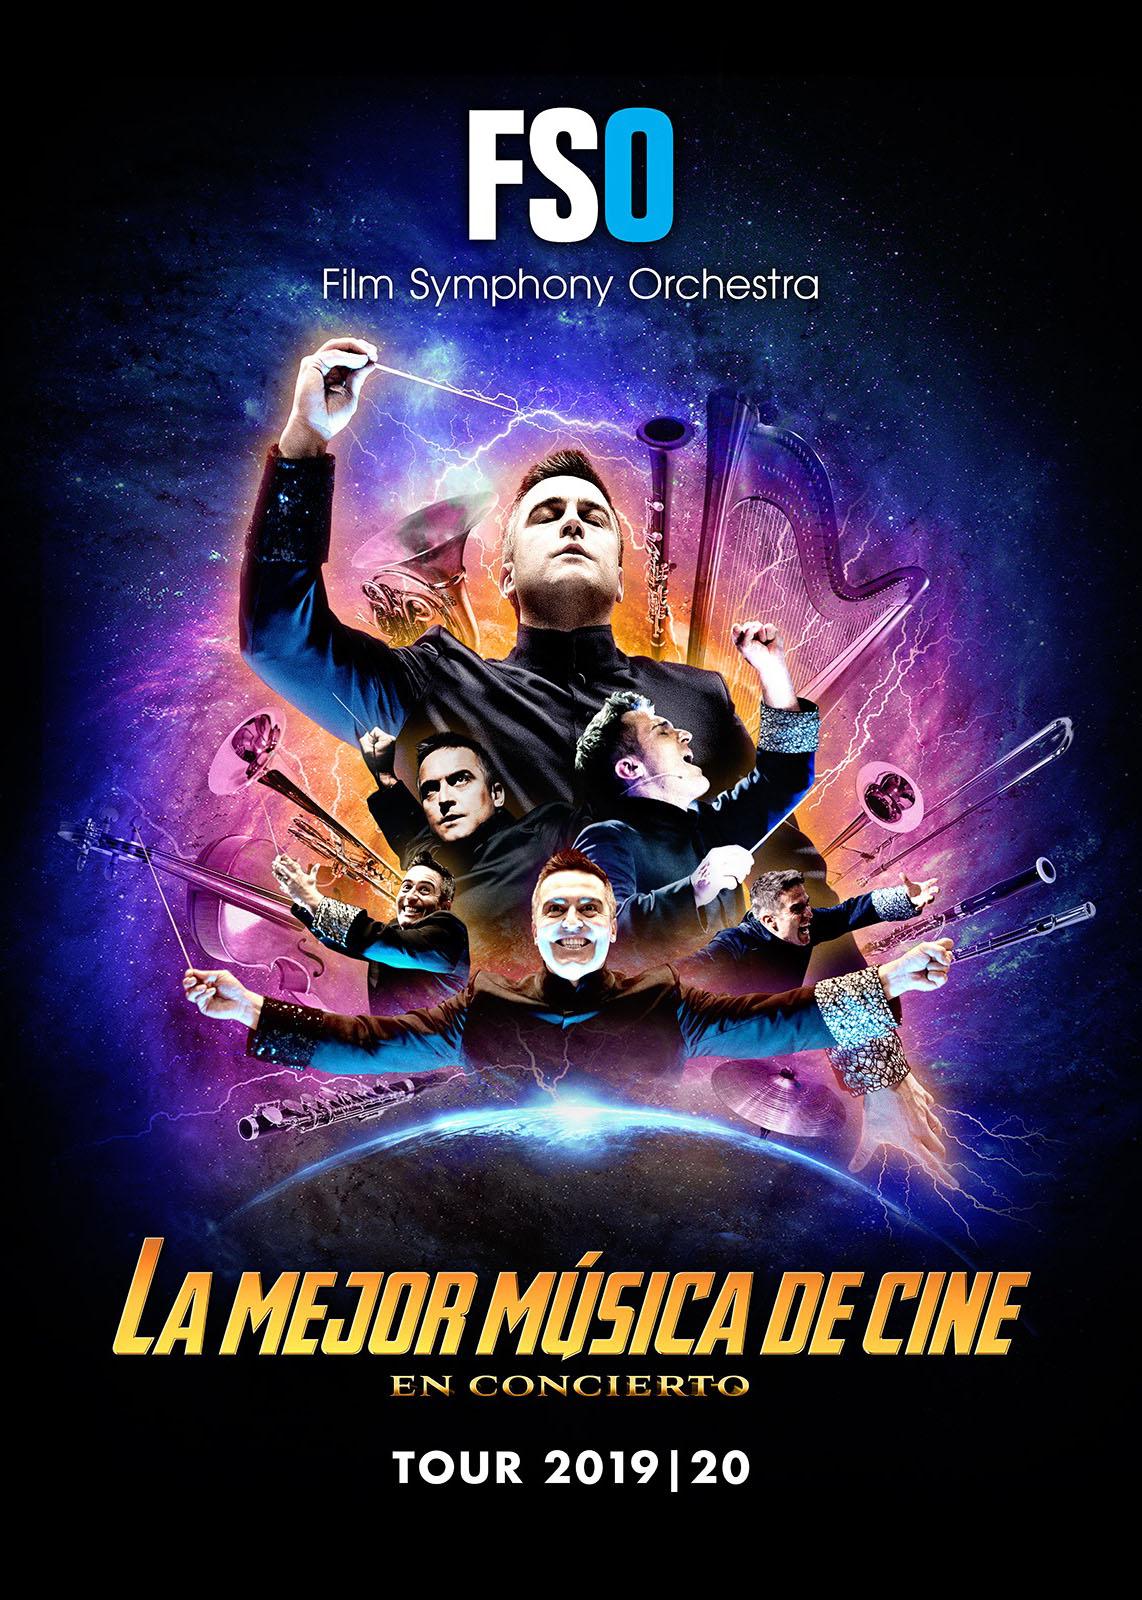 Film Symphony Orchestra ofrece un espectacular concierto online como cierre de gira